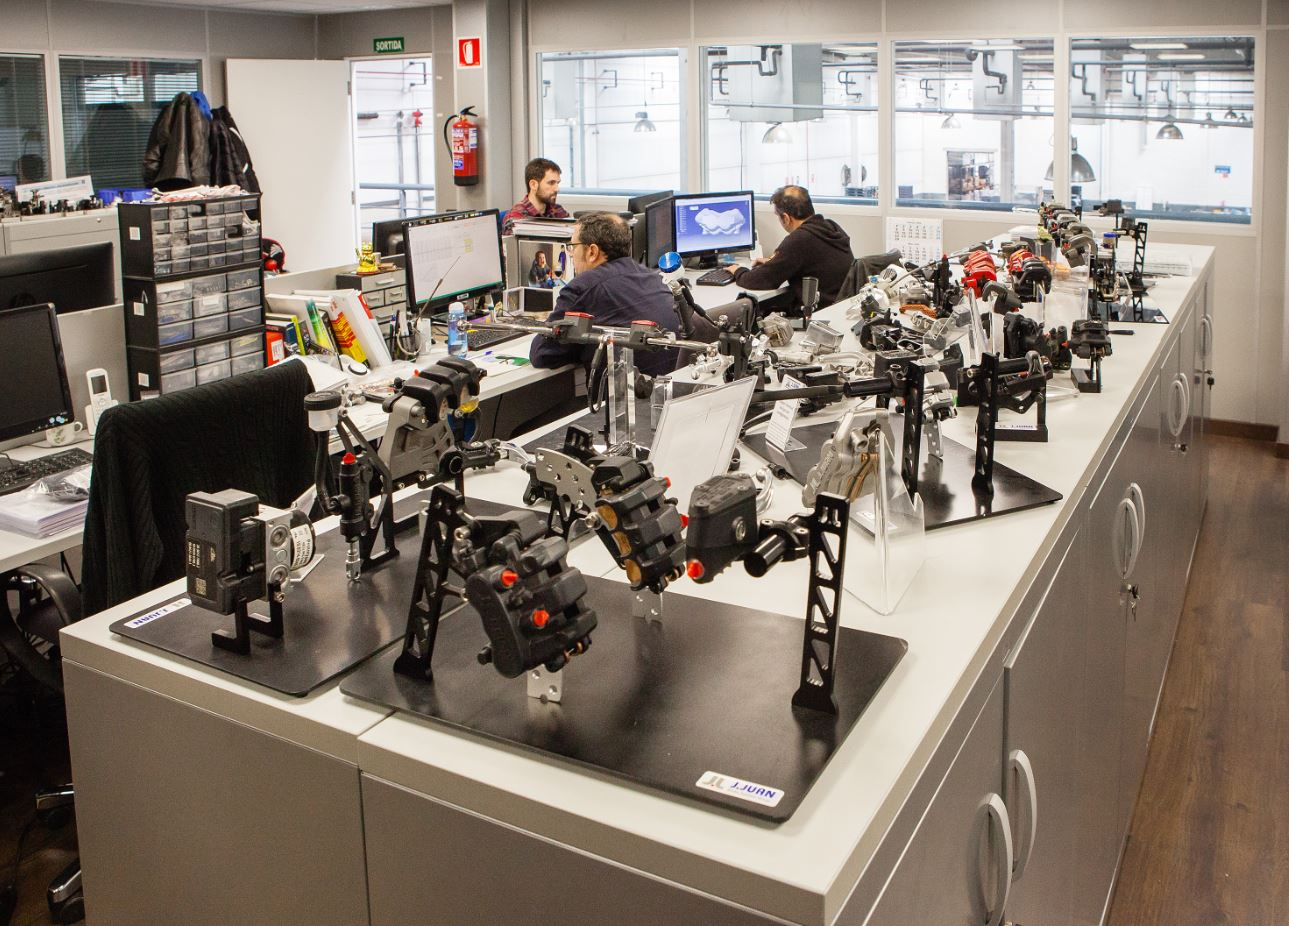 エンジニアリング部門は、ブレーキシステムとチューブおよびケーブルの2つの分野に分かれています。